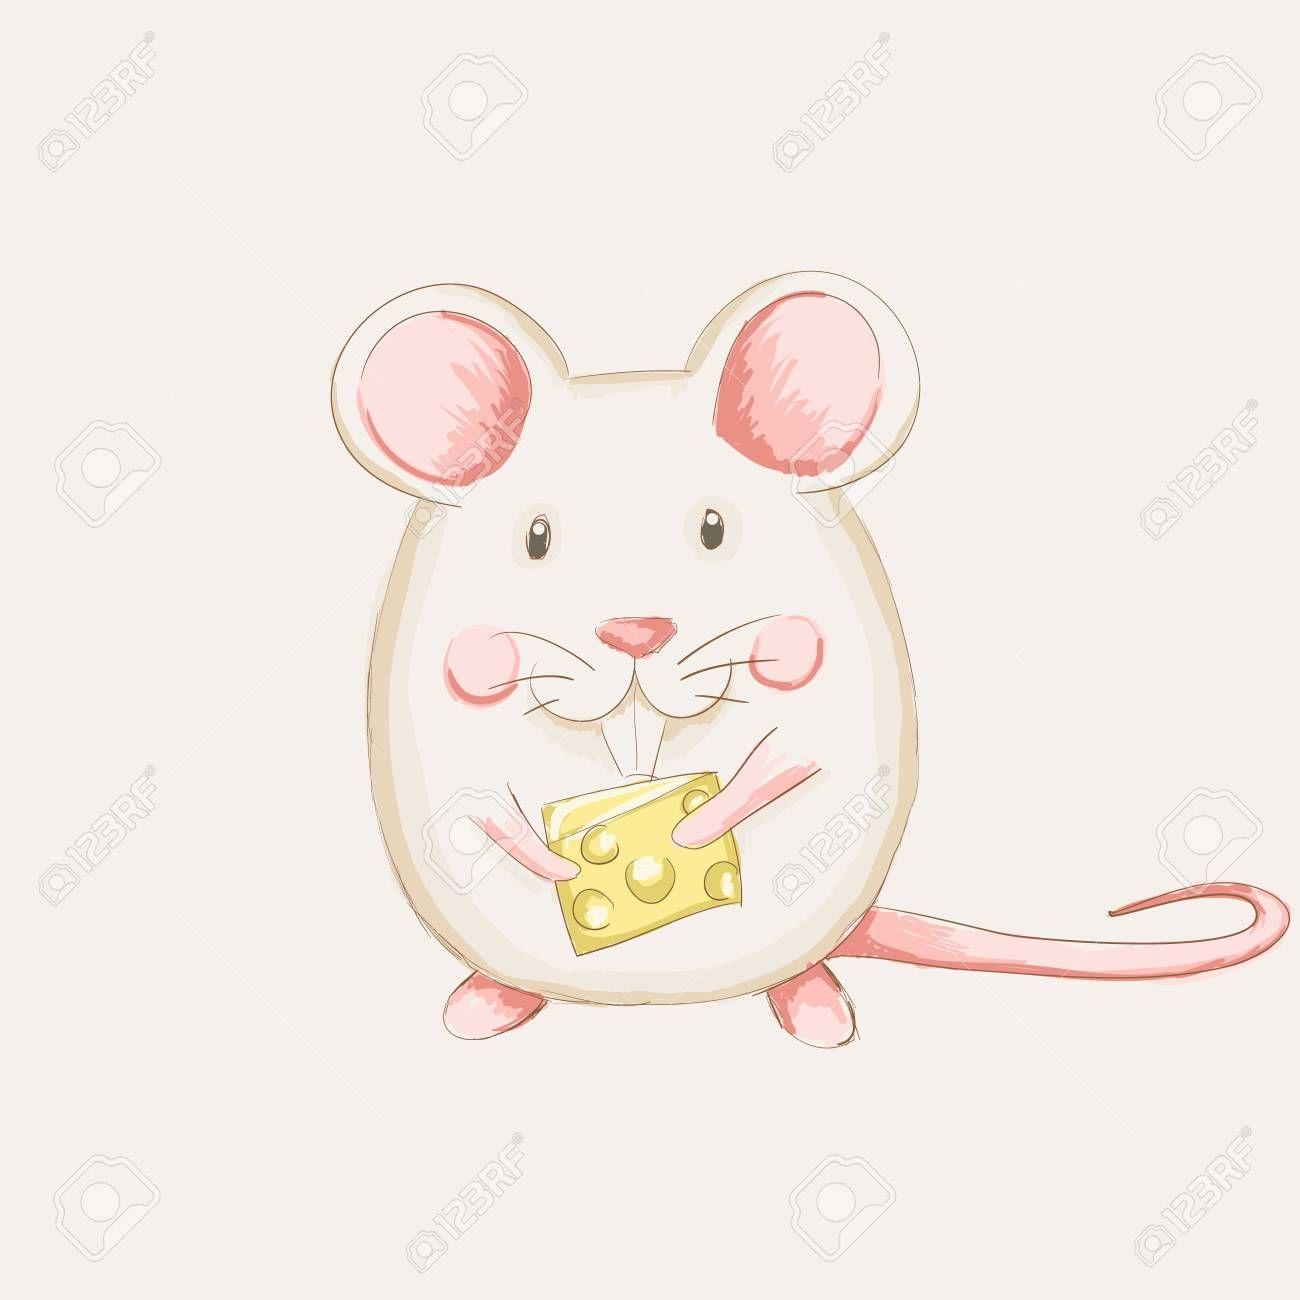 ネズミ かわいい イラスト